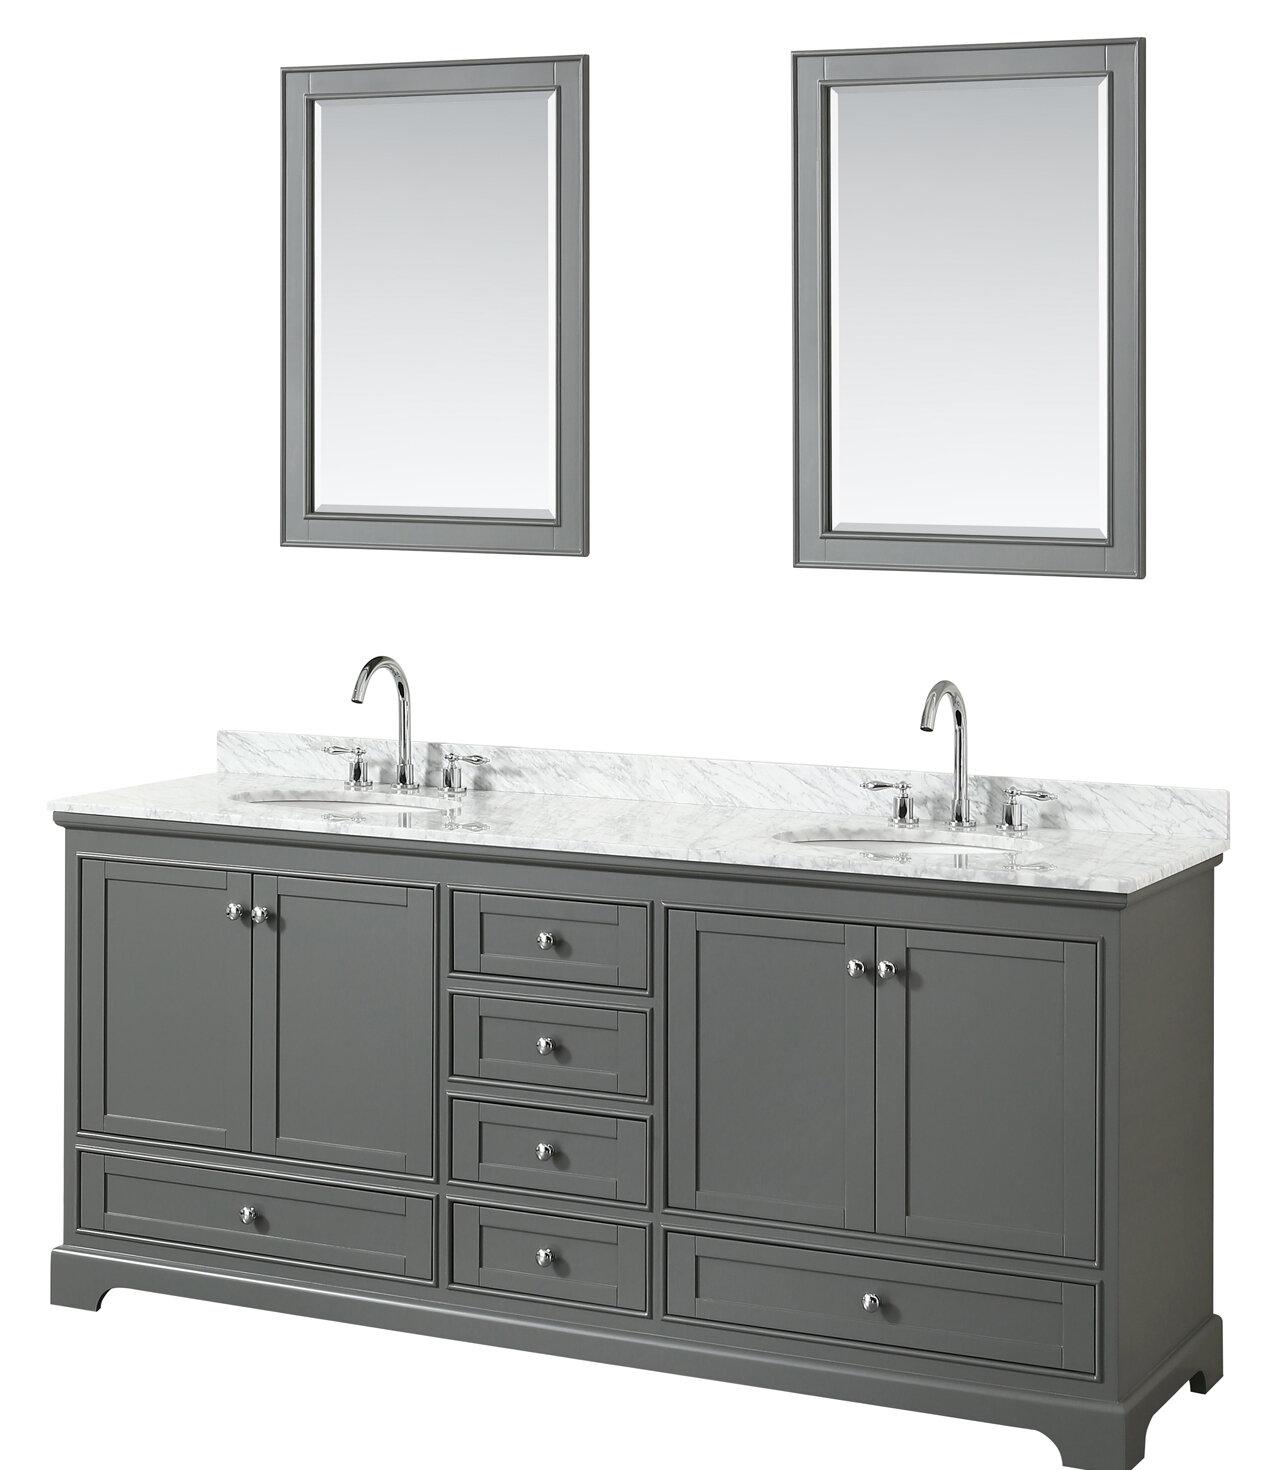 wyndham collection deborah 80 double dark gray bathroom vanity set rh wayfair com vintage colored bathroom sinks bone colored bathroom sinks